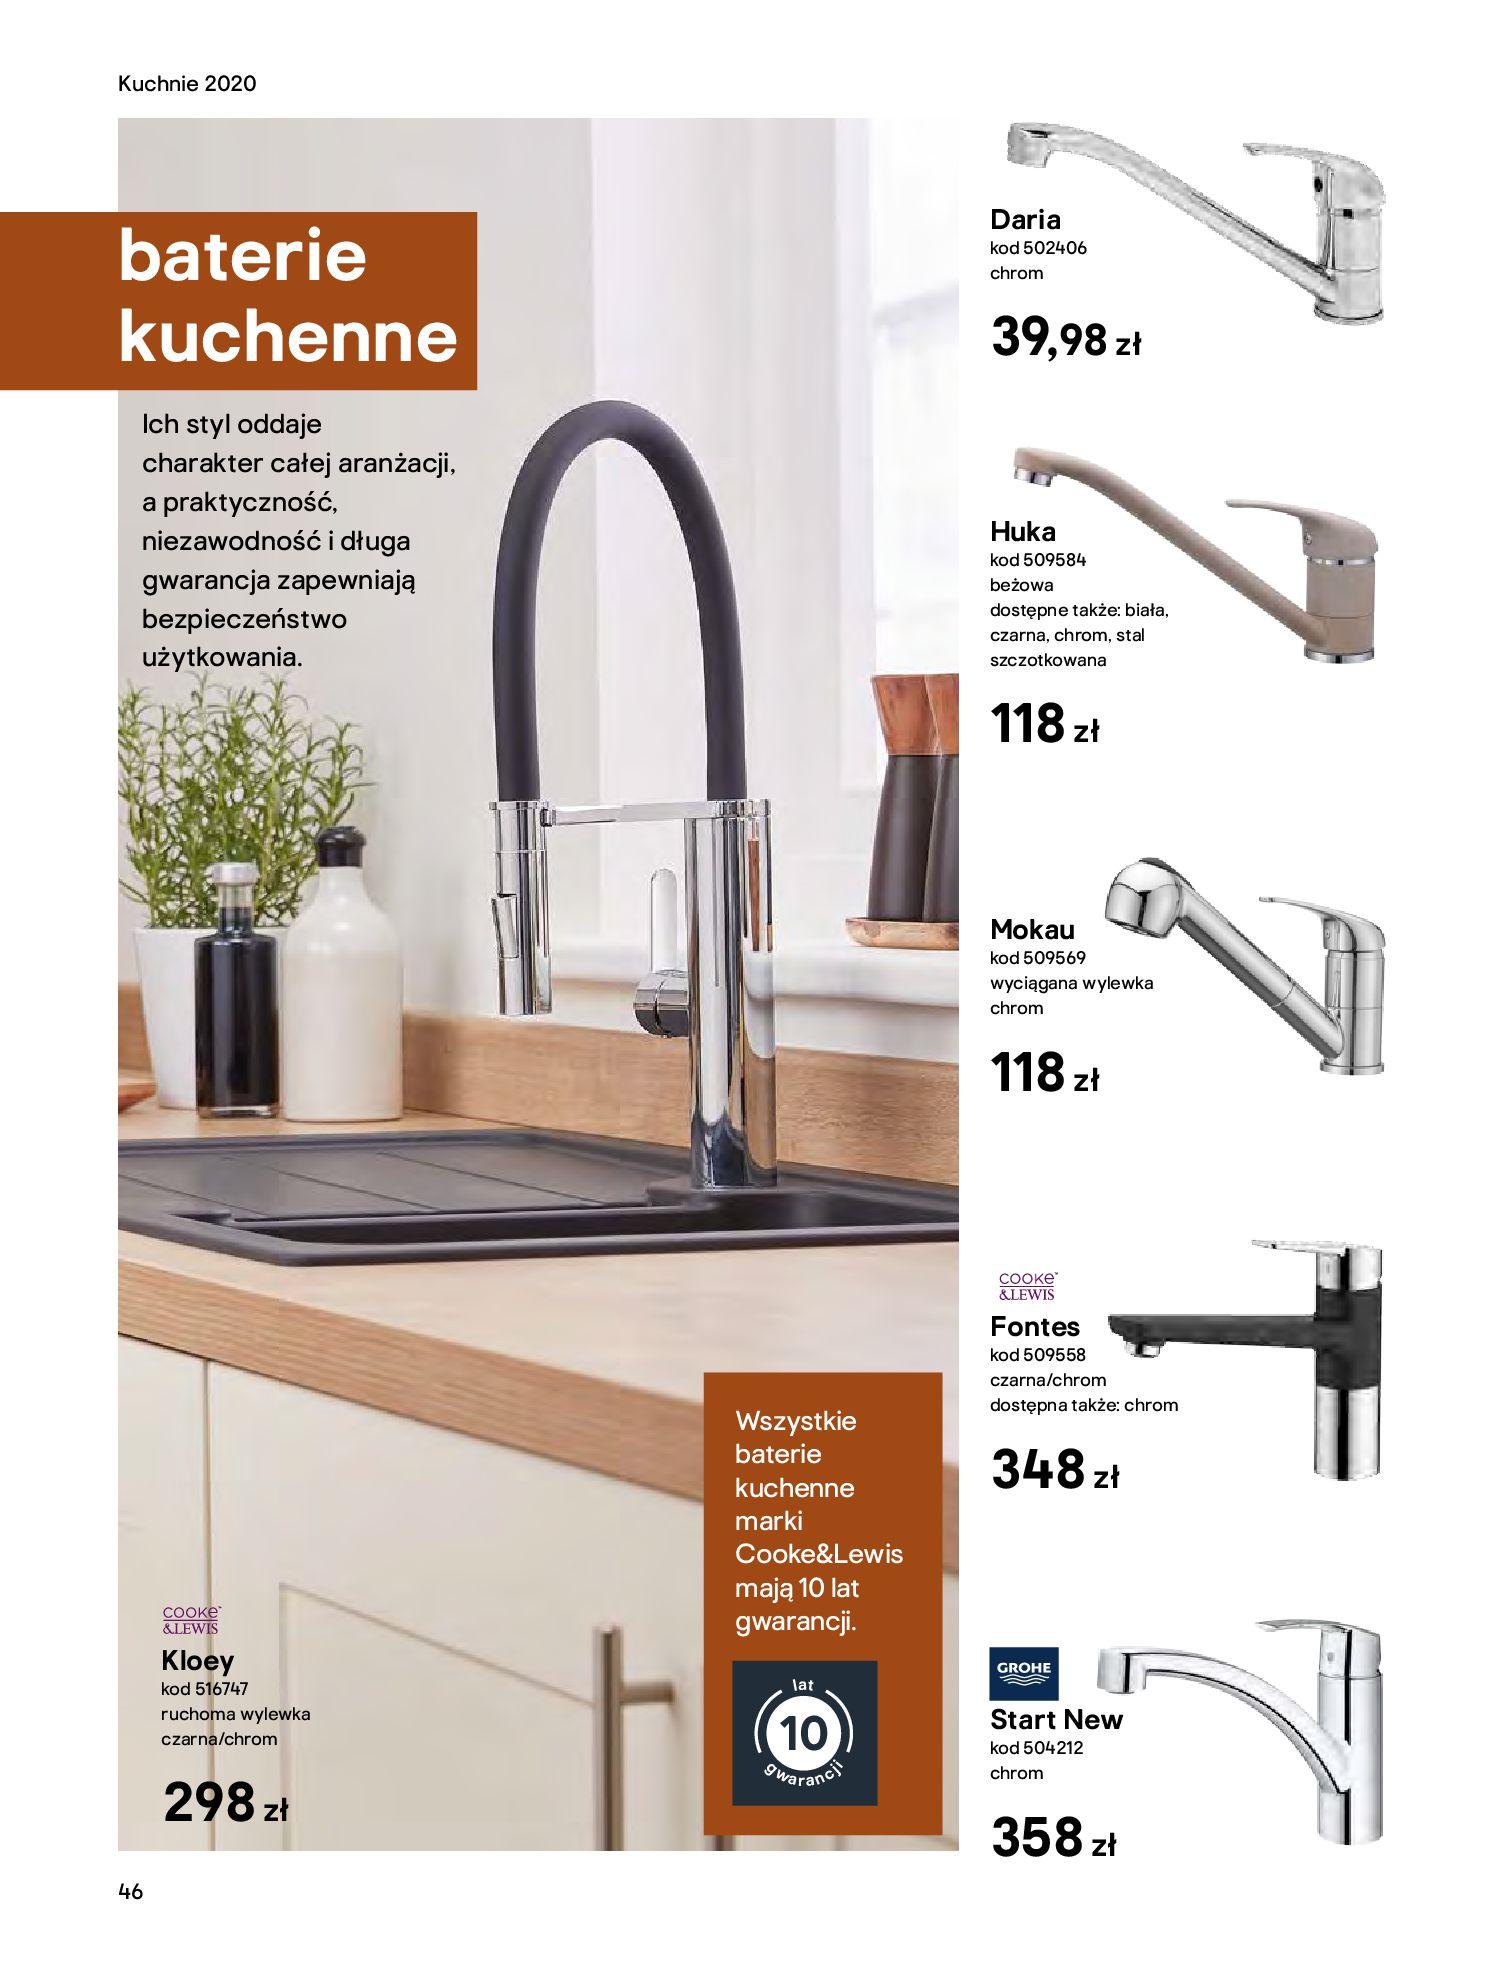 Gazetka Castorama - Katalog Kuchnie 2020-14.04.2020-31.12.2020-page-46